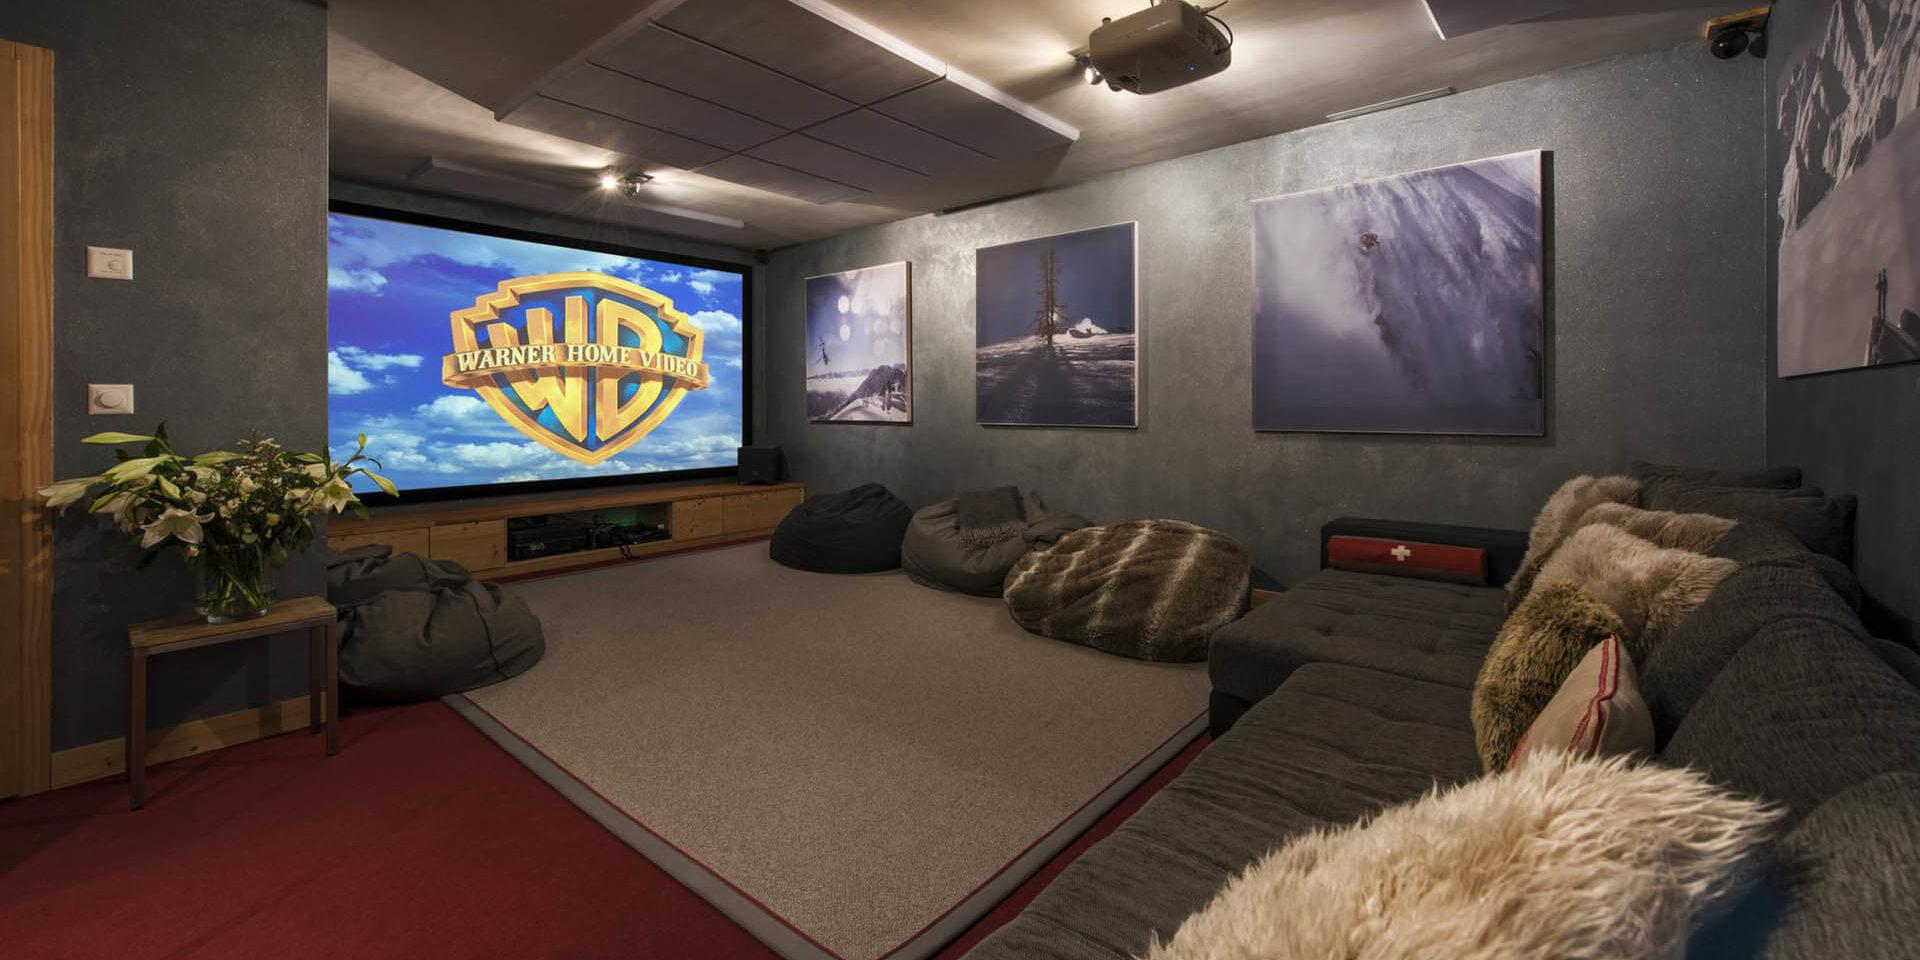 Chalet Rock Verbier Les 4 Vallees Zwitserland wintersport skivakantie luxe bioscoop grote grijze lounge bank zitzakken kussens groot projectiescherm schilderijen